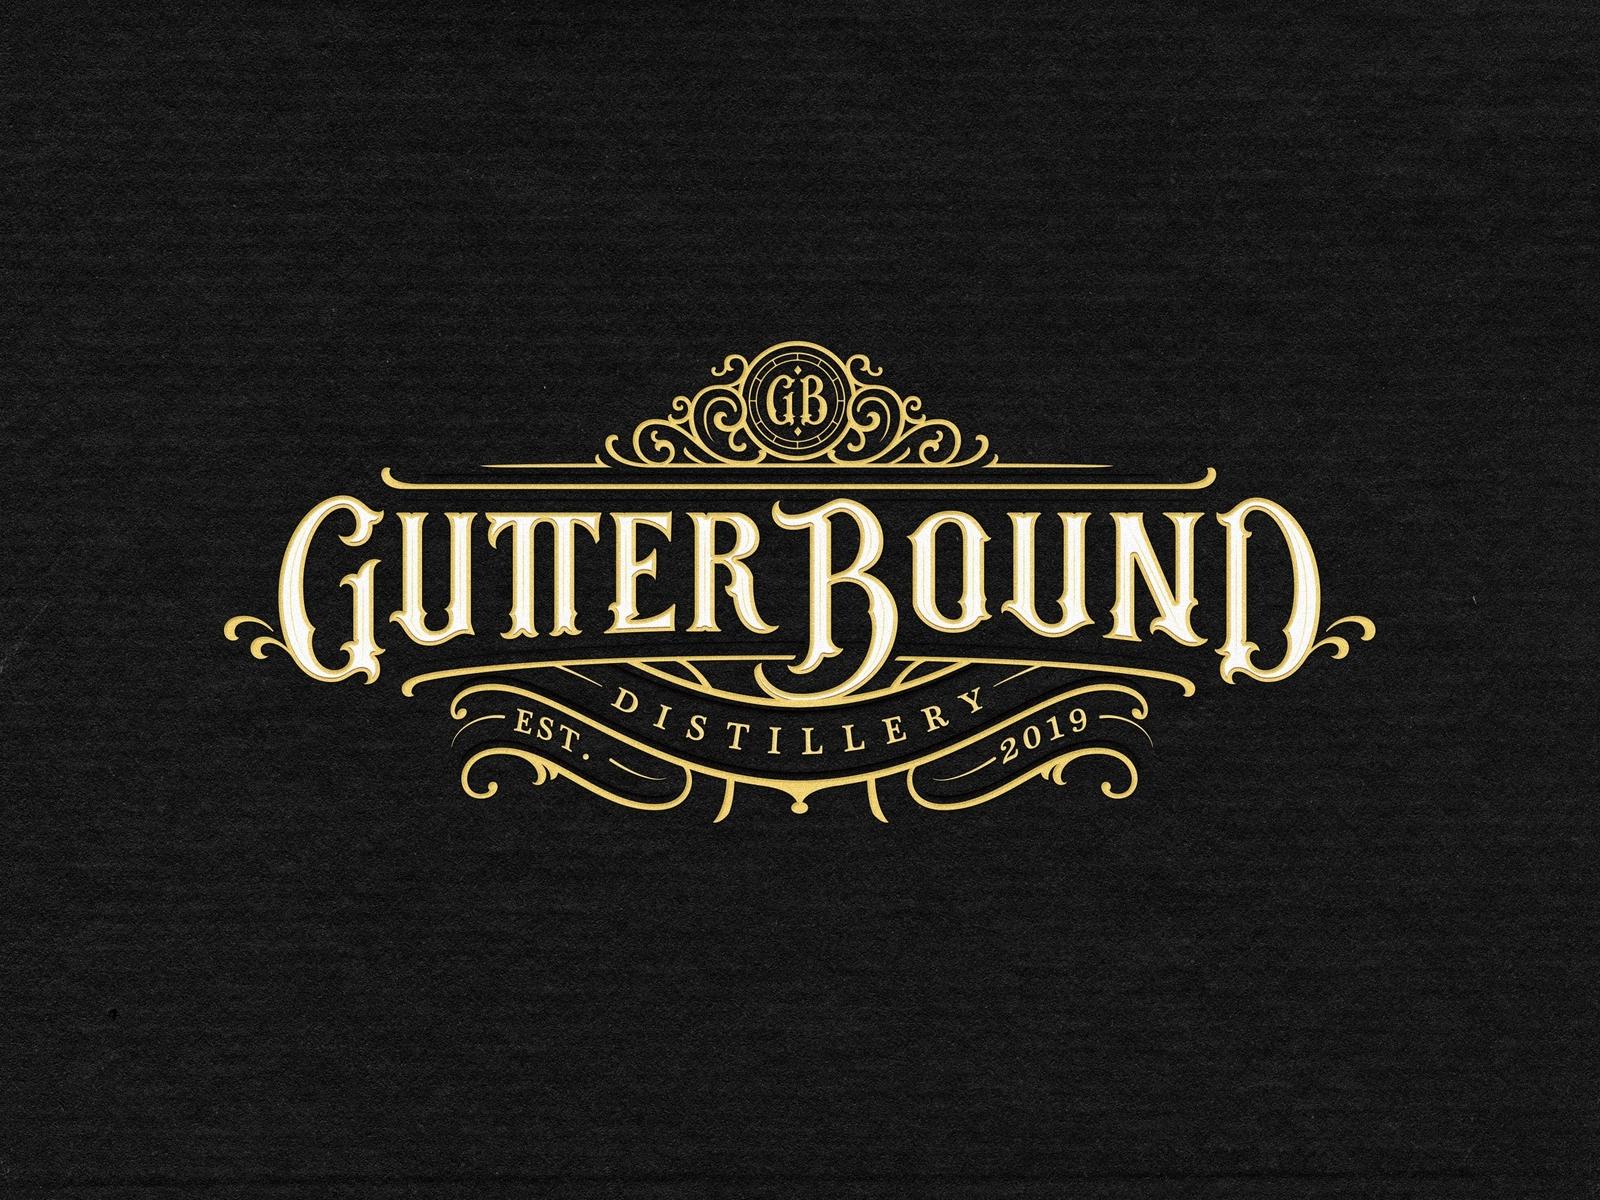 Gutter Bound Distillery By Mateusz Witczak On Dribbble